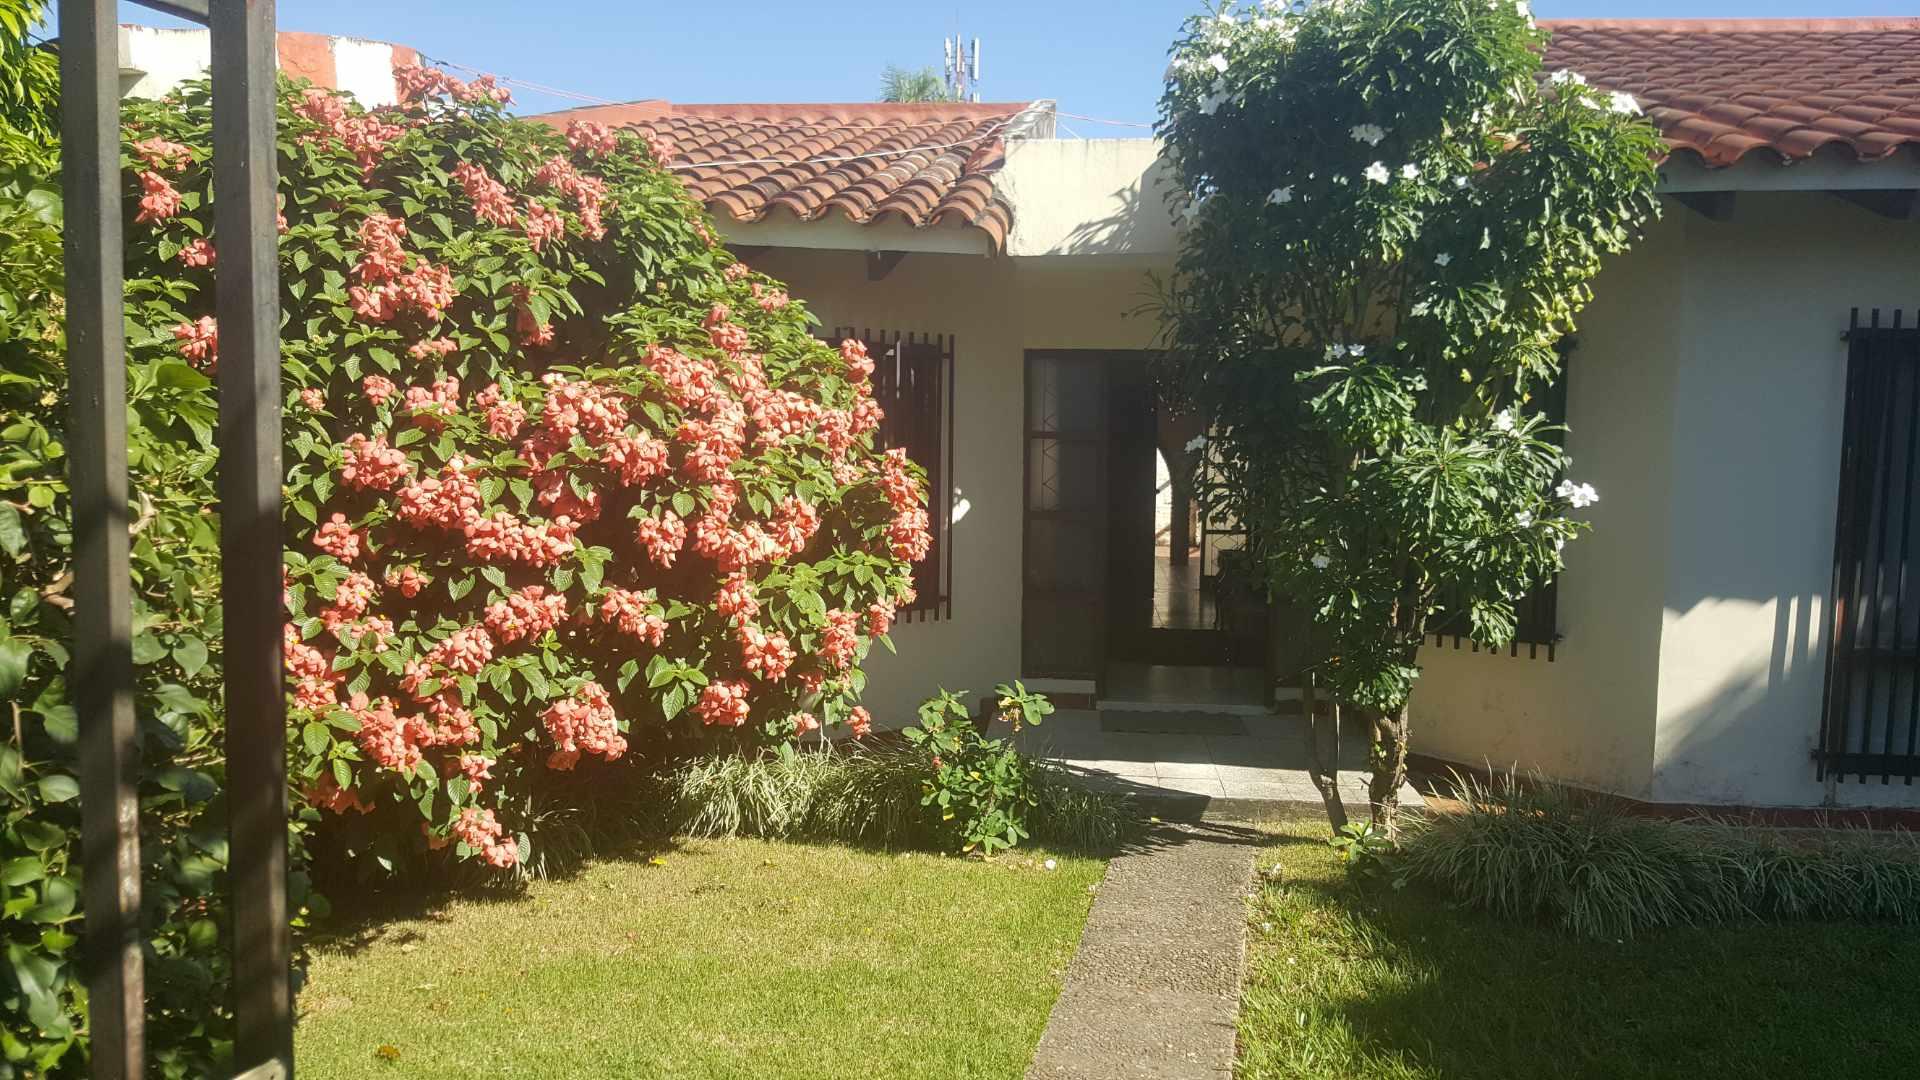 Casa en Venta BARRIO POLANCO, RADIAL 10/CALLE JUAN BLANCO. ENTRE 3er y 4to ANILLO Foto 1